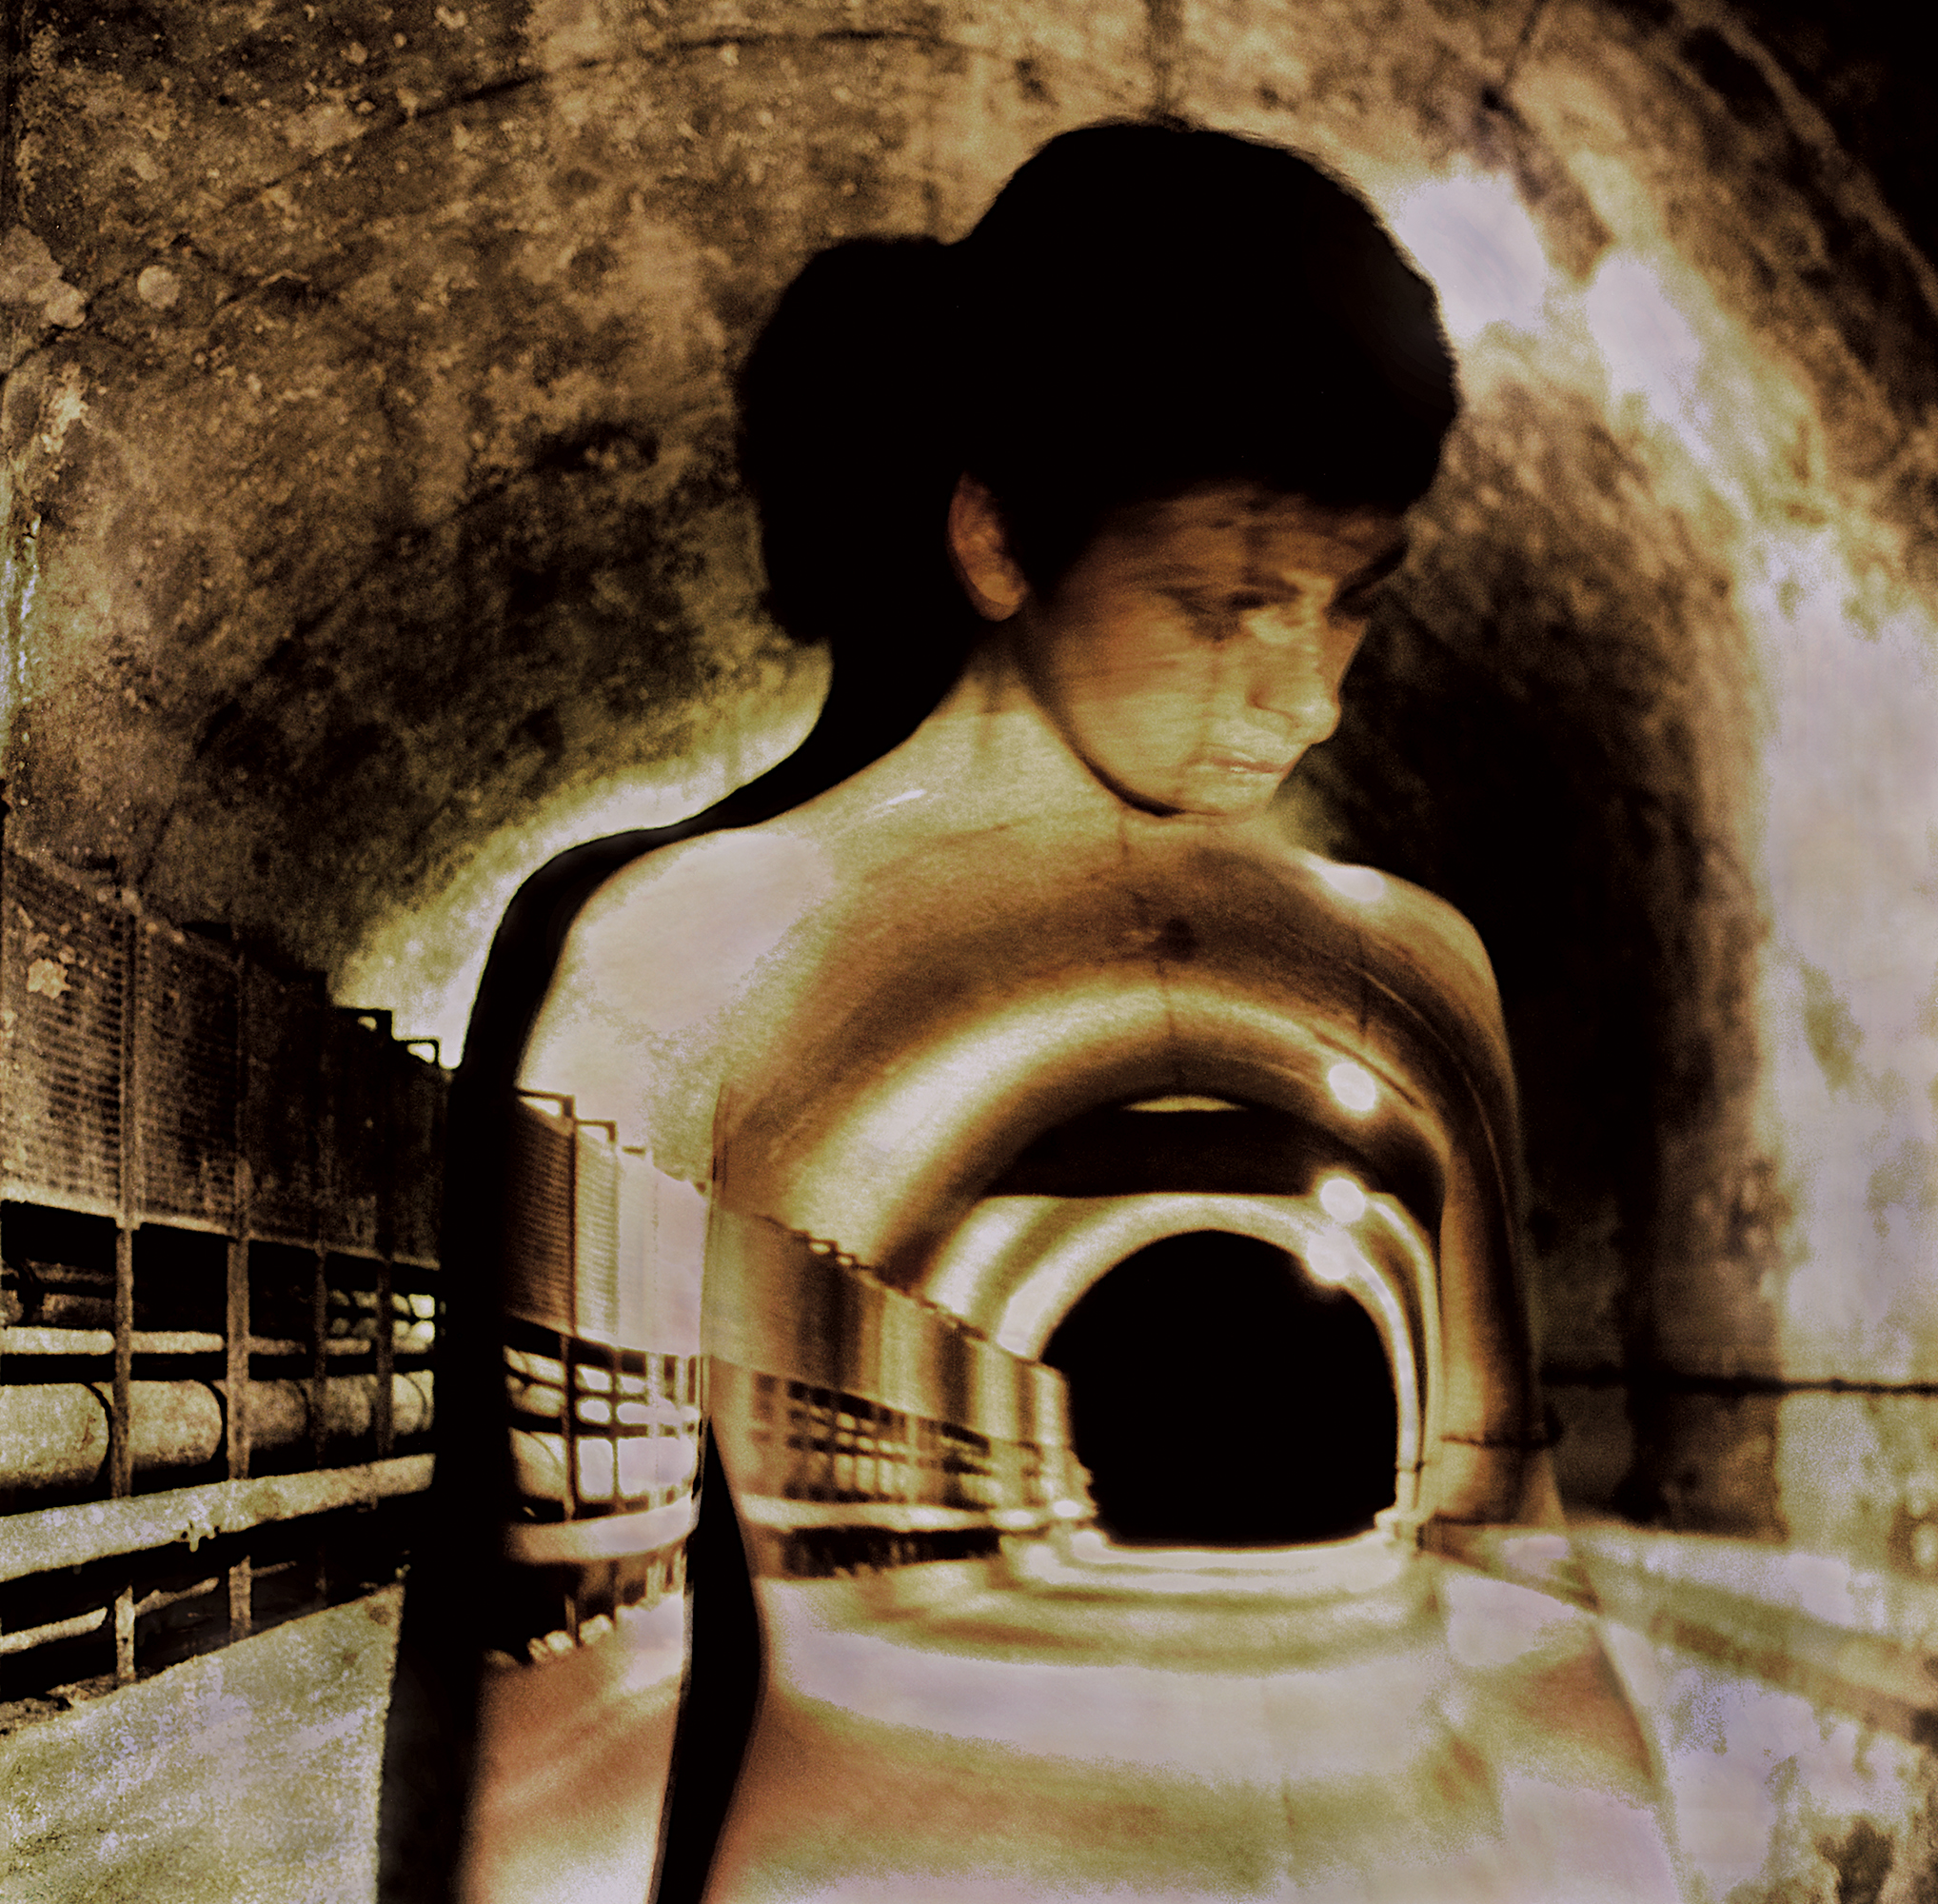 Ursula_Sokolowska_Tunnel.jpg